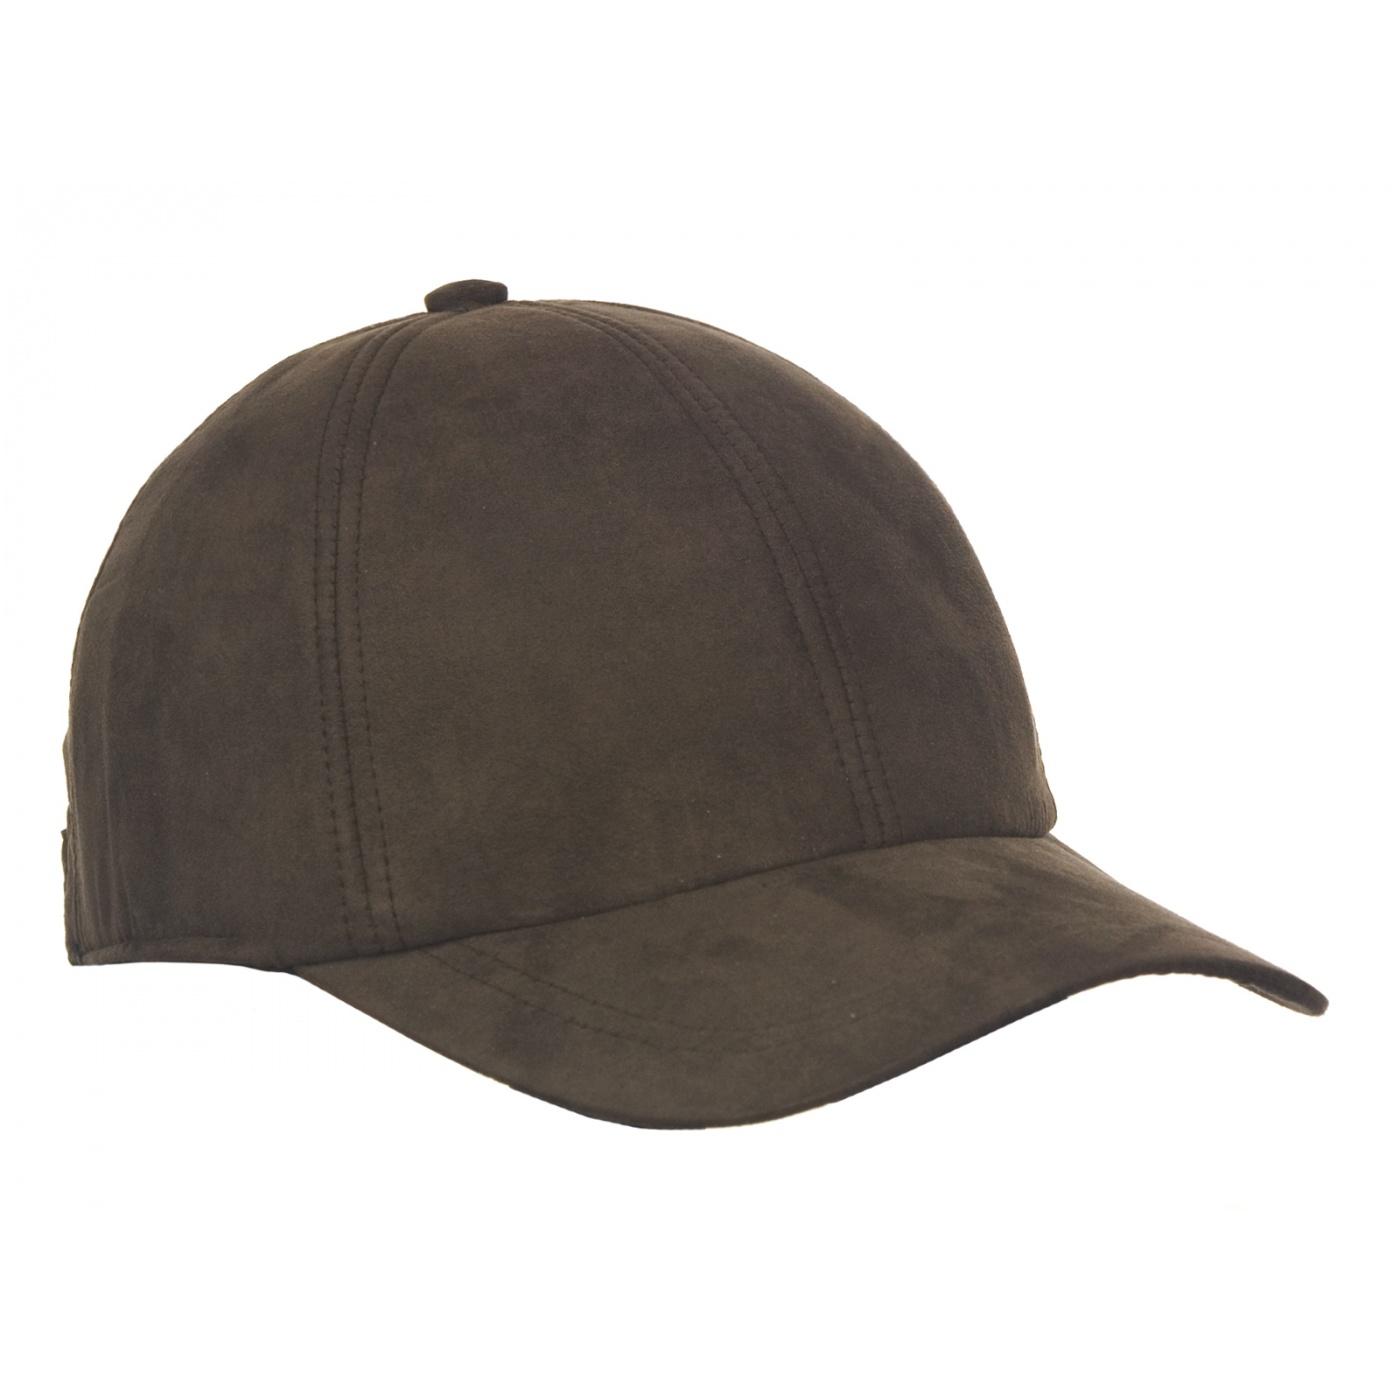 Męska zimowa zamszowa czapka z daszkiem - brązowa